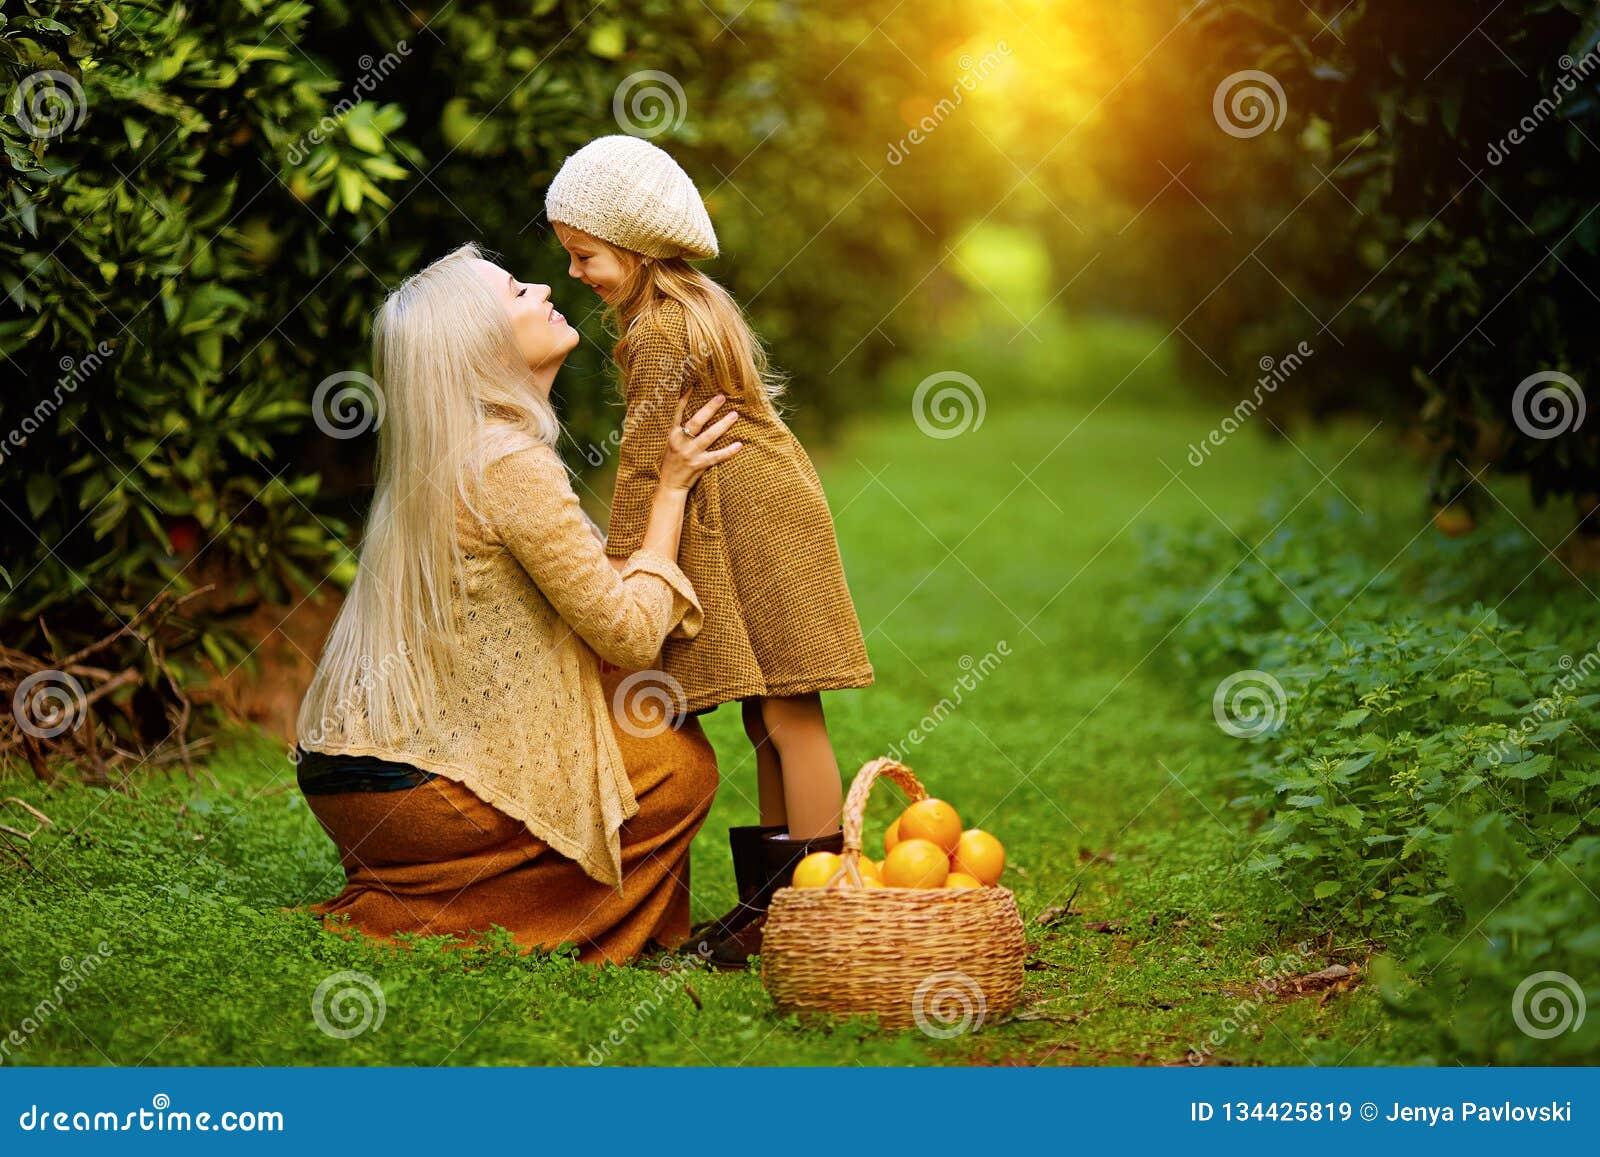 Szczęśliwa kobieta z córką w pogodnym ogródzie